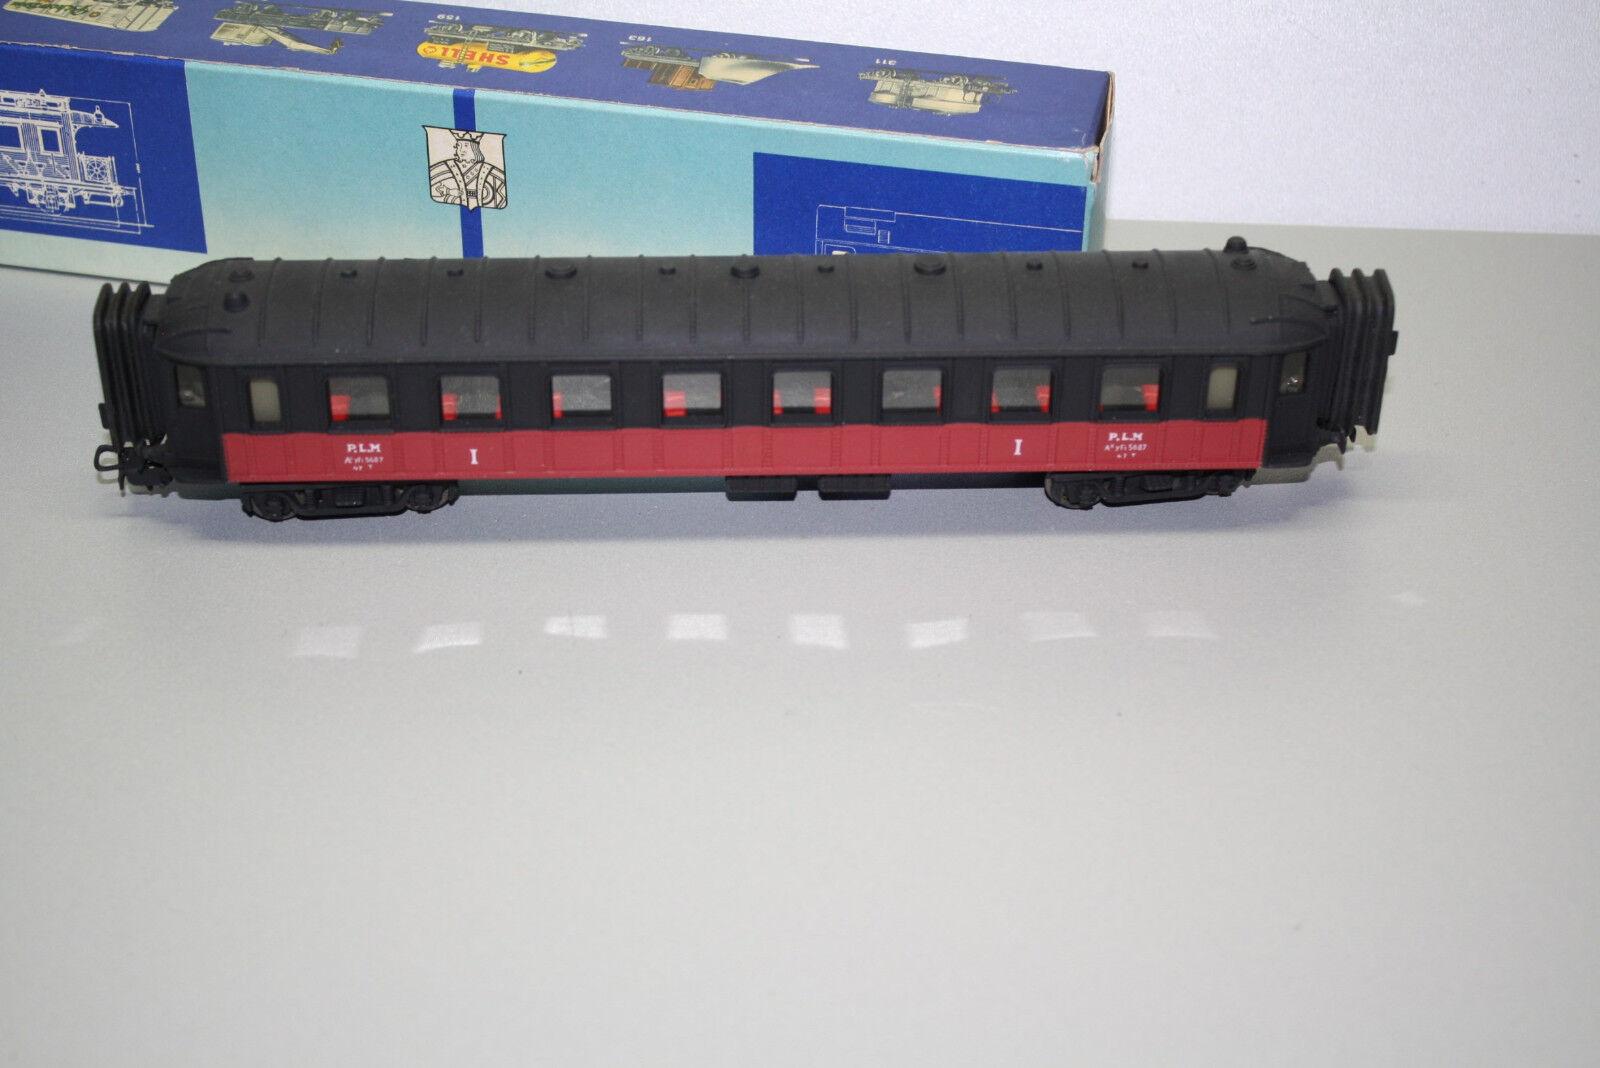 Pocher 225 3 4-Achser Personenwagen 1.Klasse Plm Spur H0 OVP